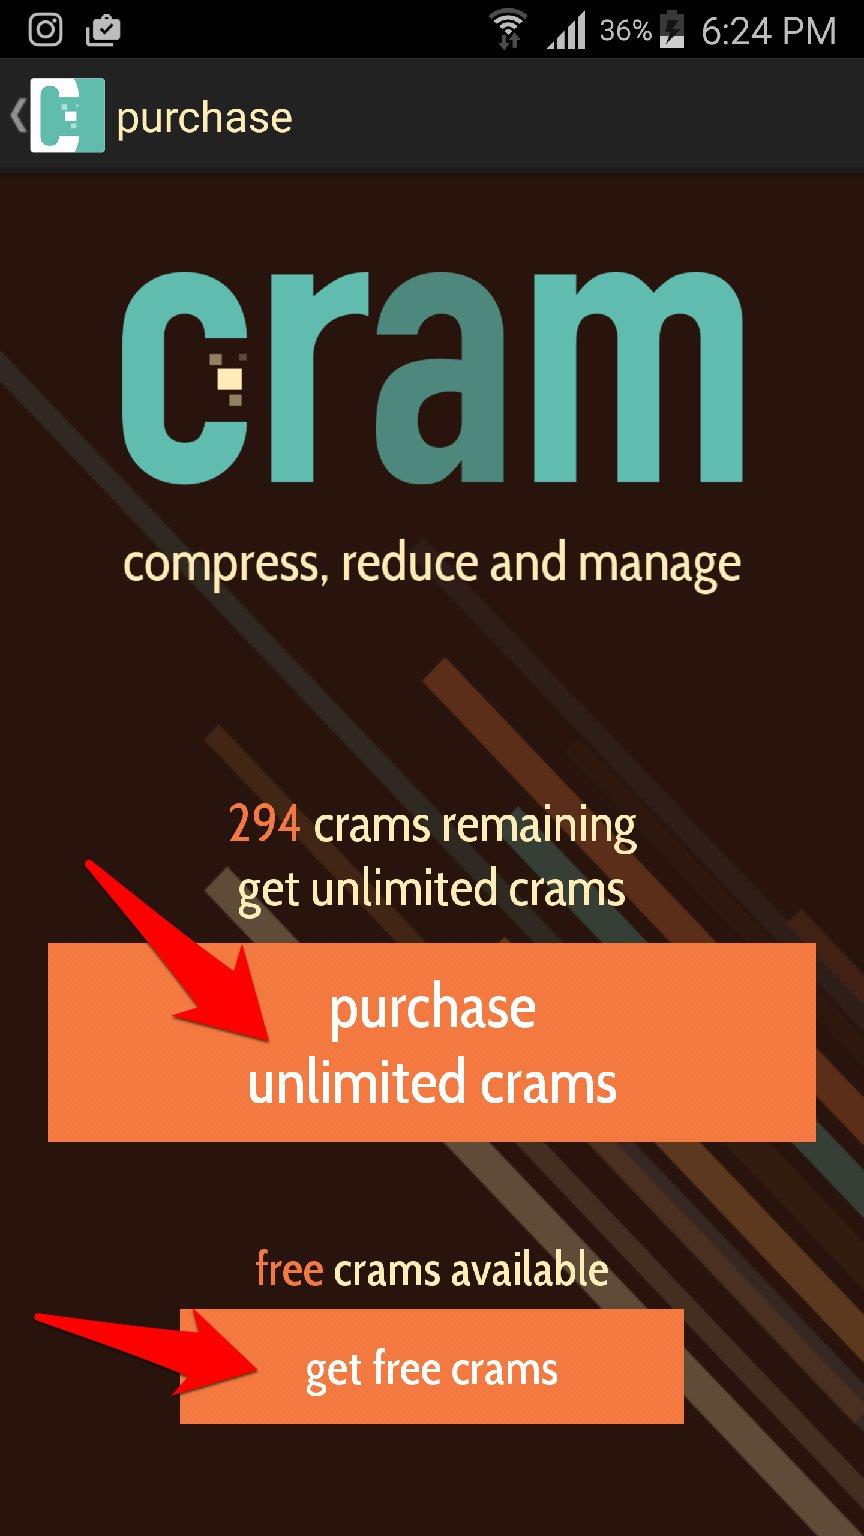 اضغط حجم الصور وقلله الى الضعف مع تطبيق Cram و حل مشكلة الذاكرة ممتلئة | بحرية درويد